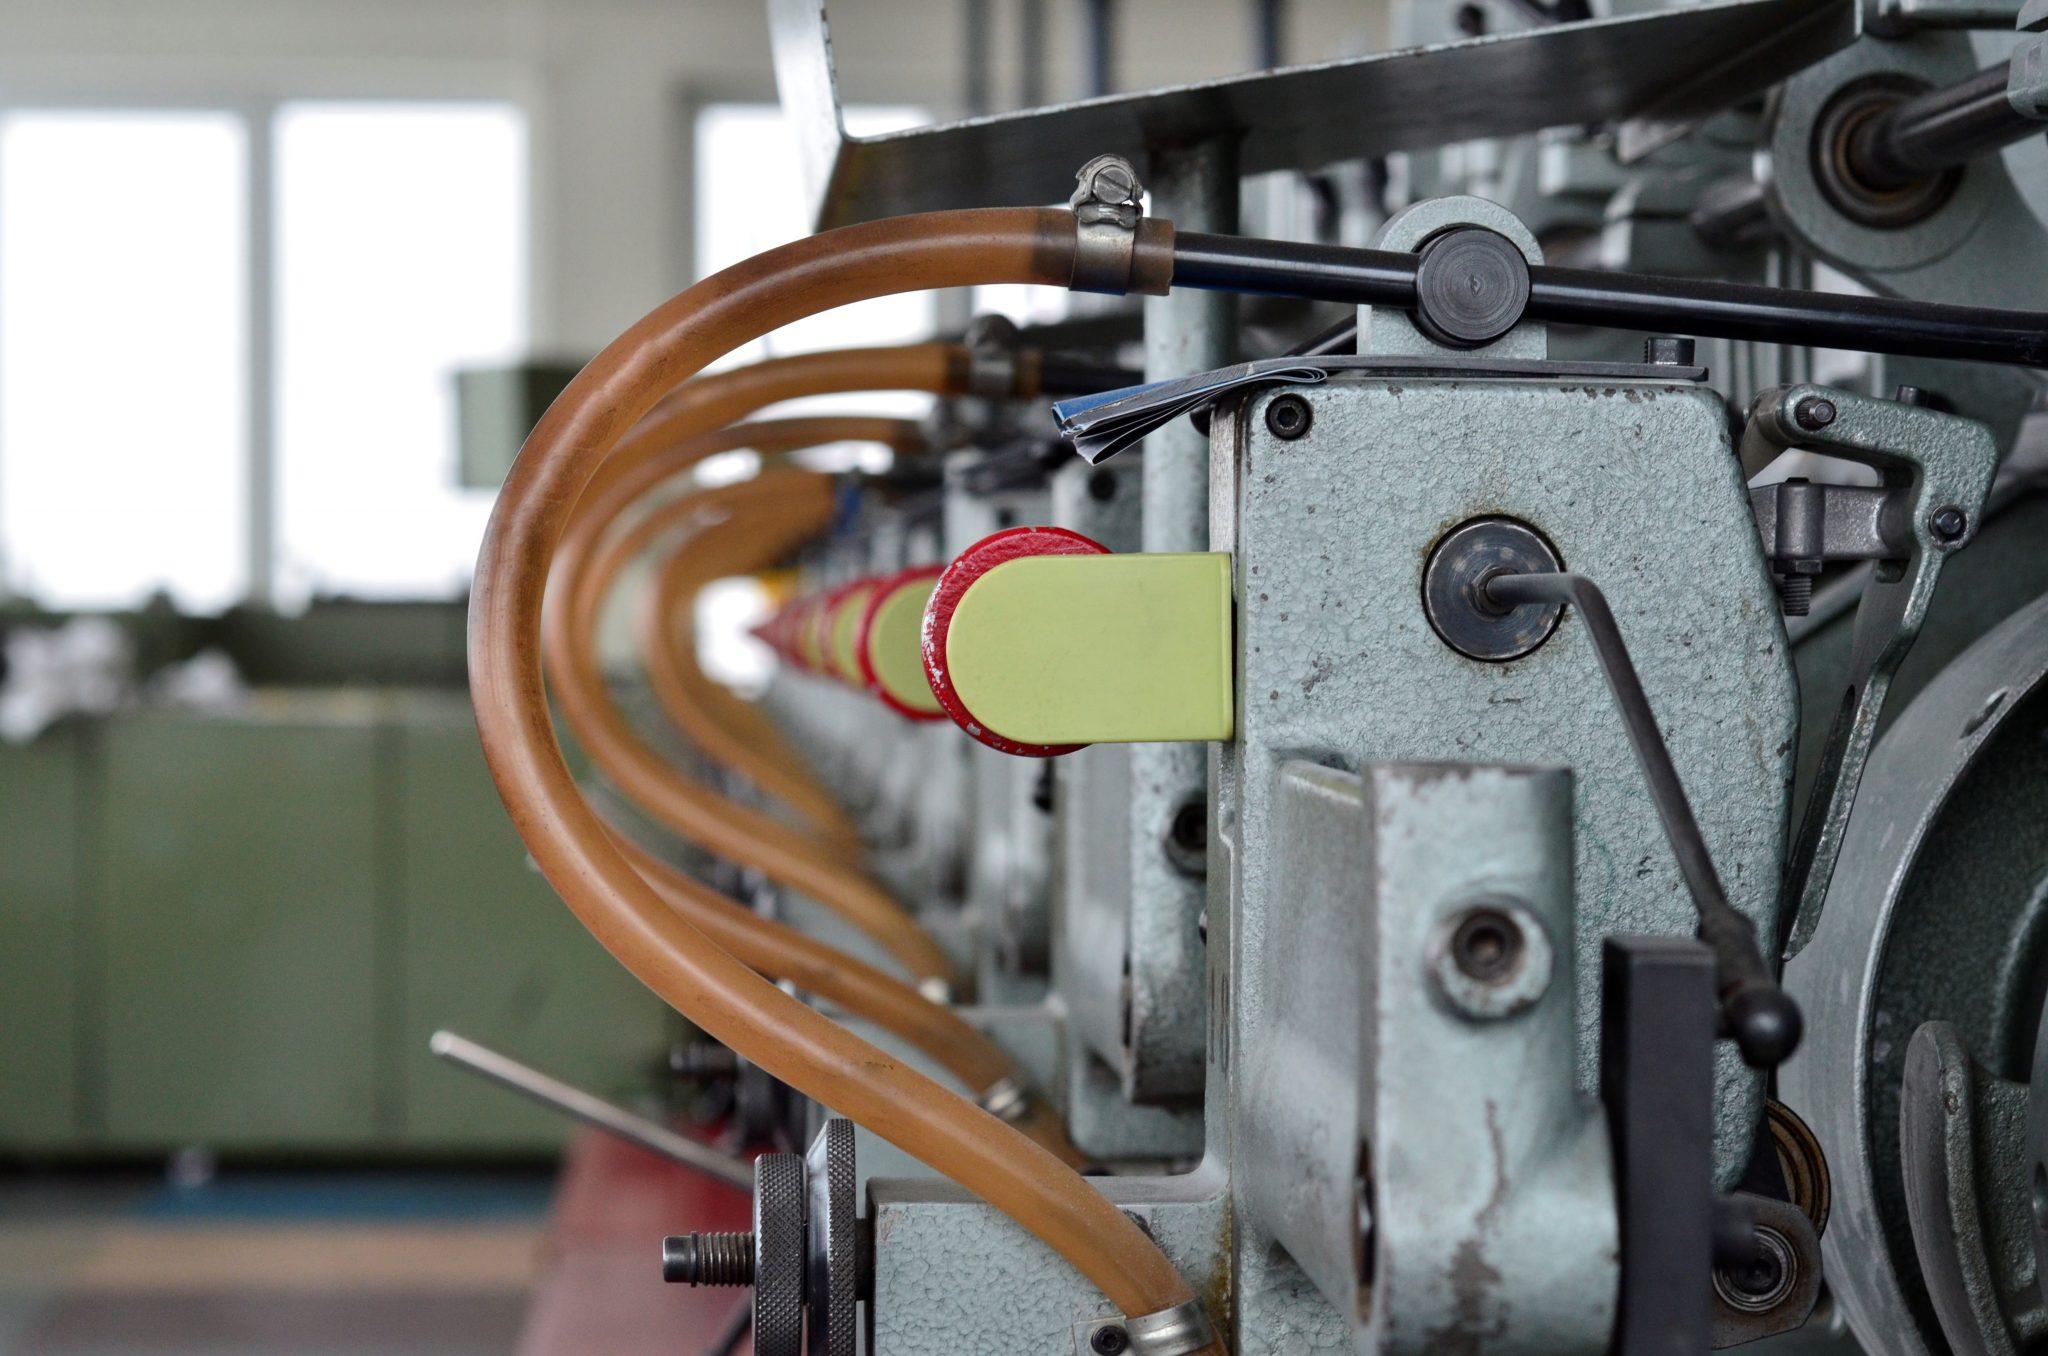 zusammentragmaschine